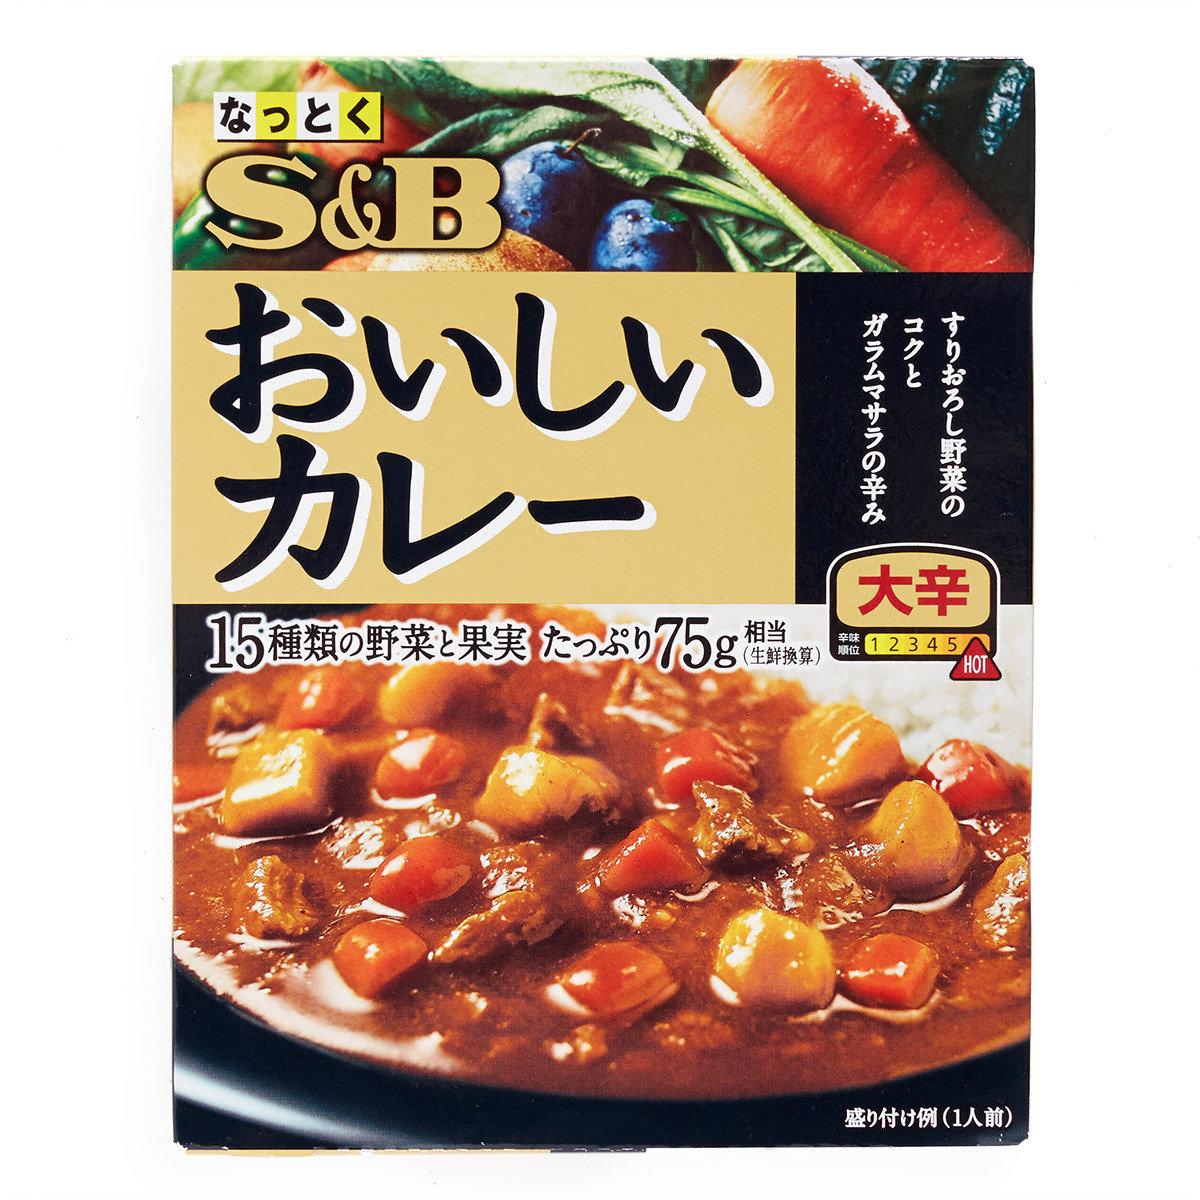 納德美味咖喱(大辛)